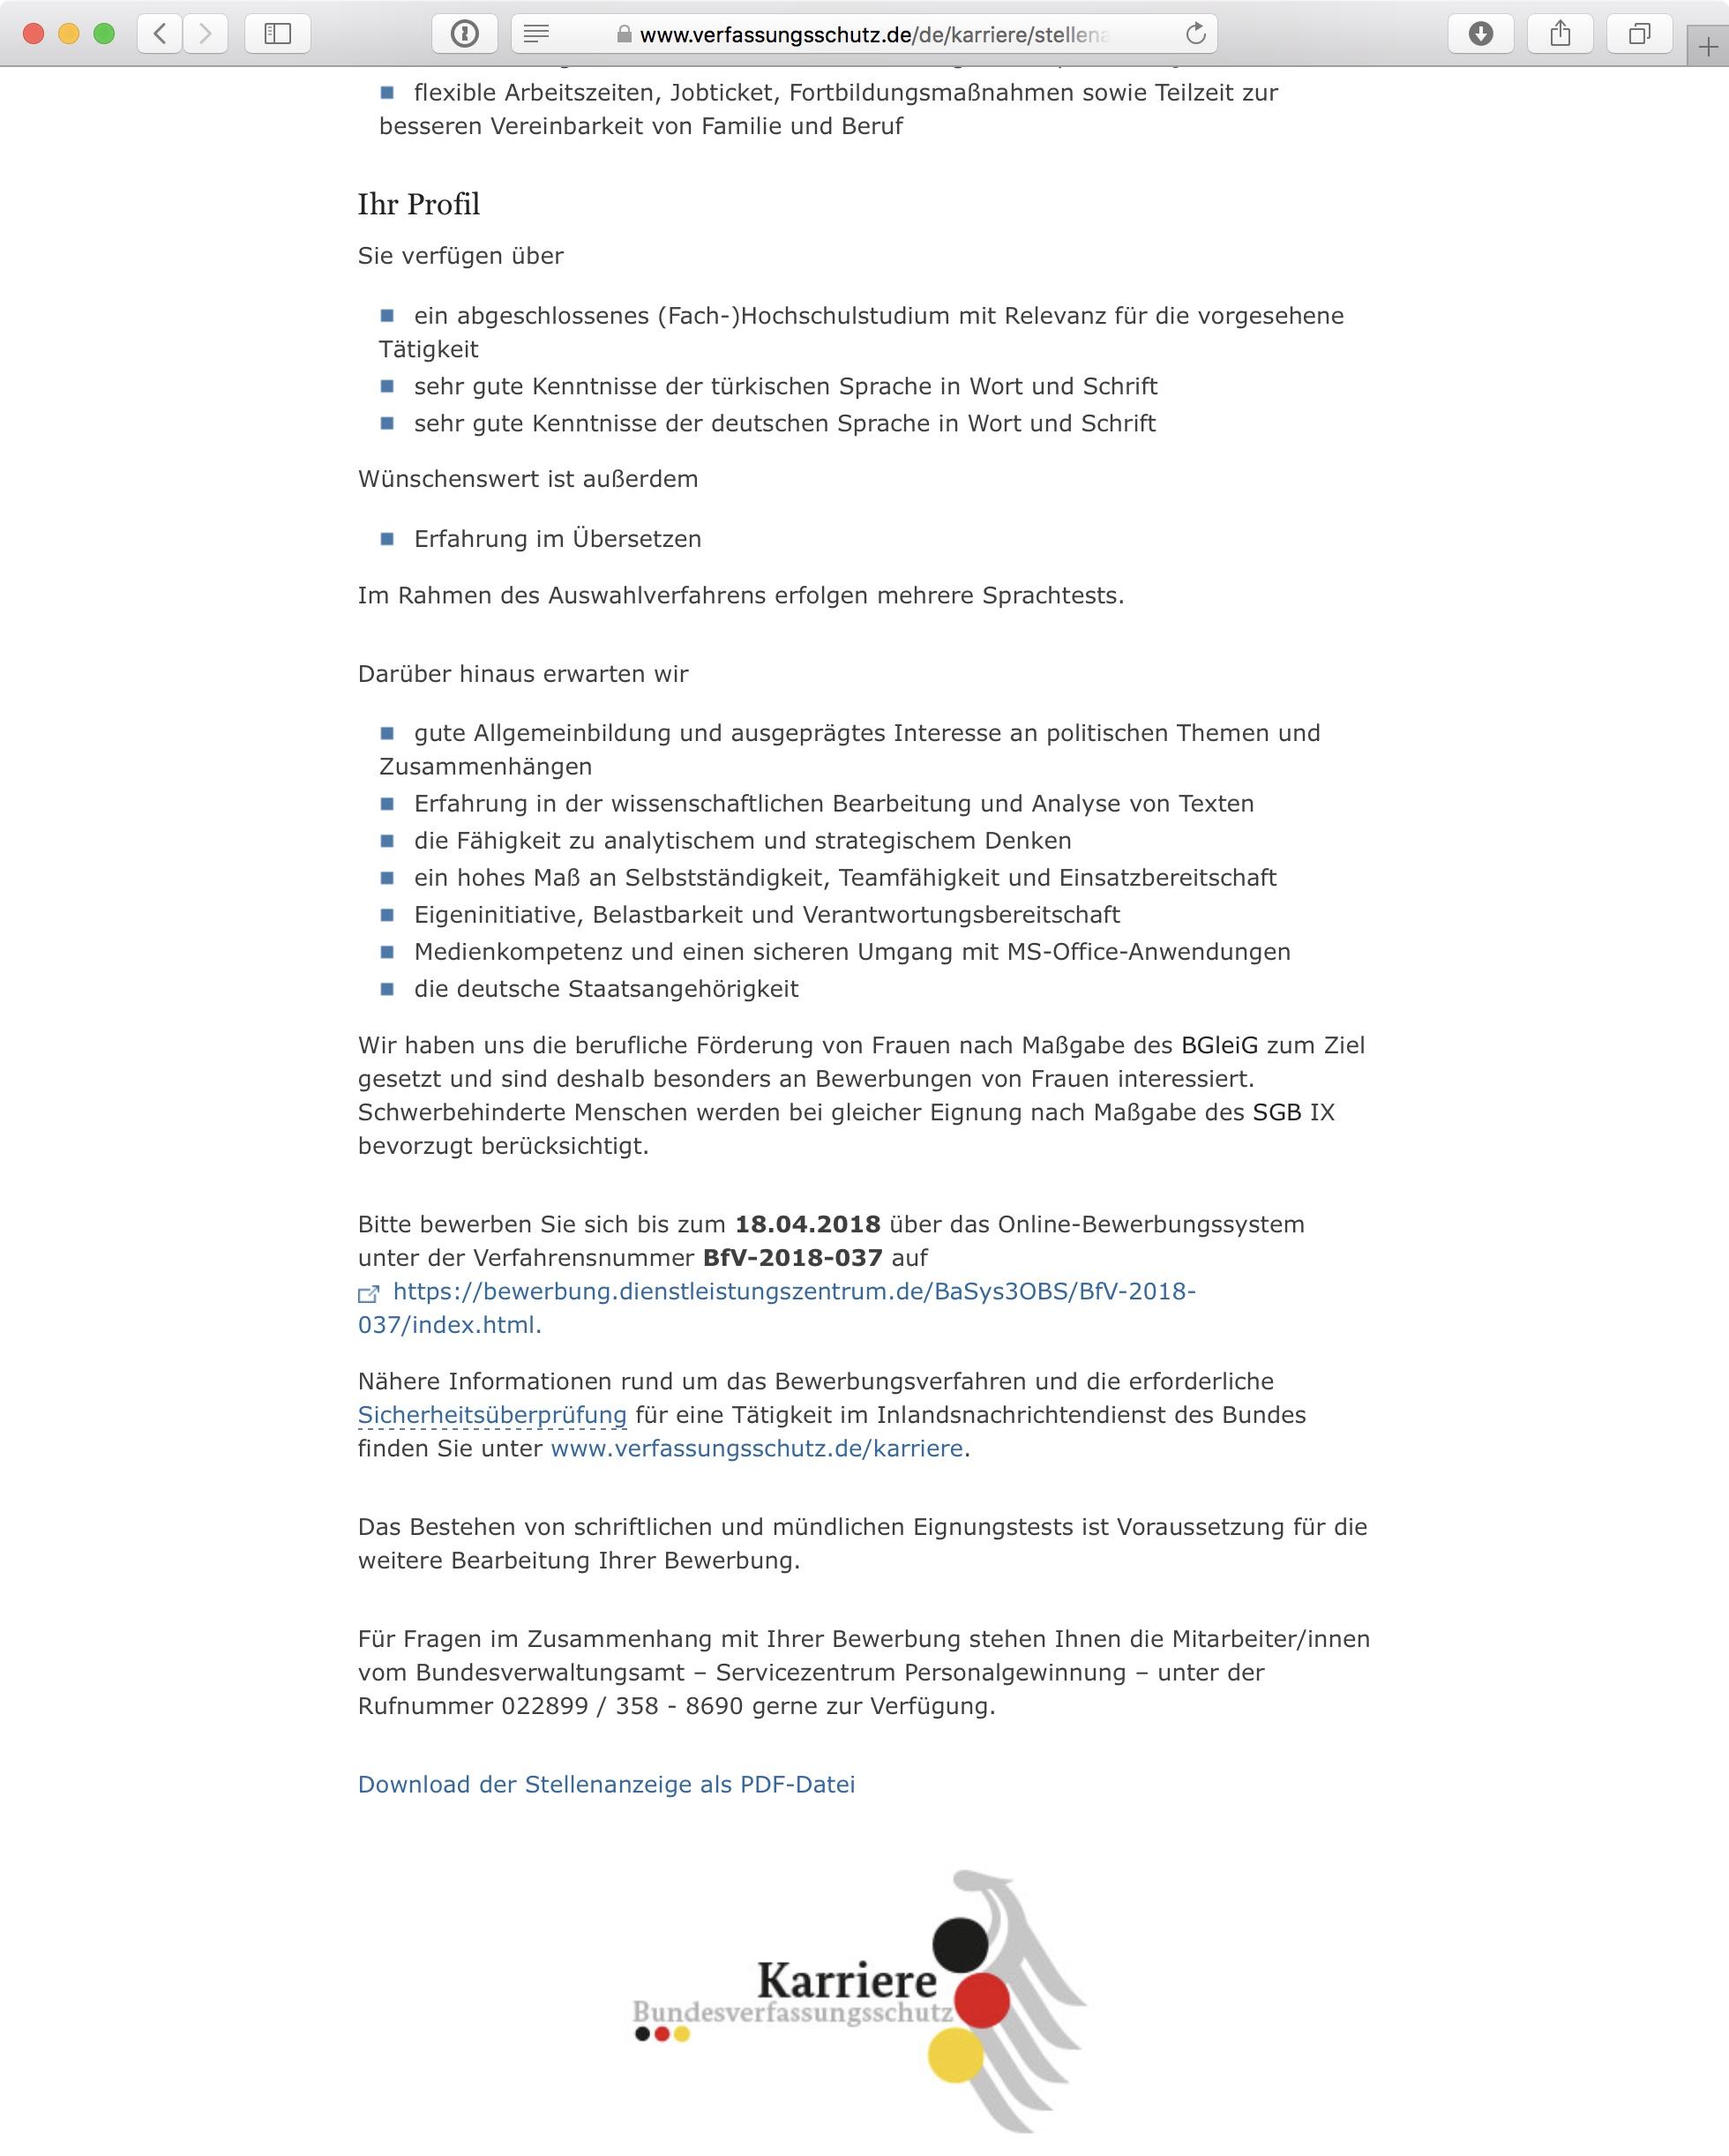 Screenshot: Online-Stellenausschreibung beim Bundesamt für Verfassungsschutz (BfV) in Deutschland